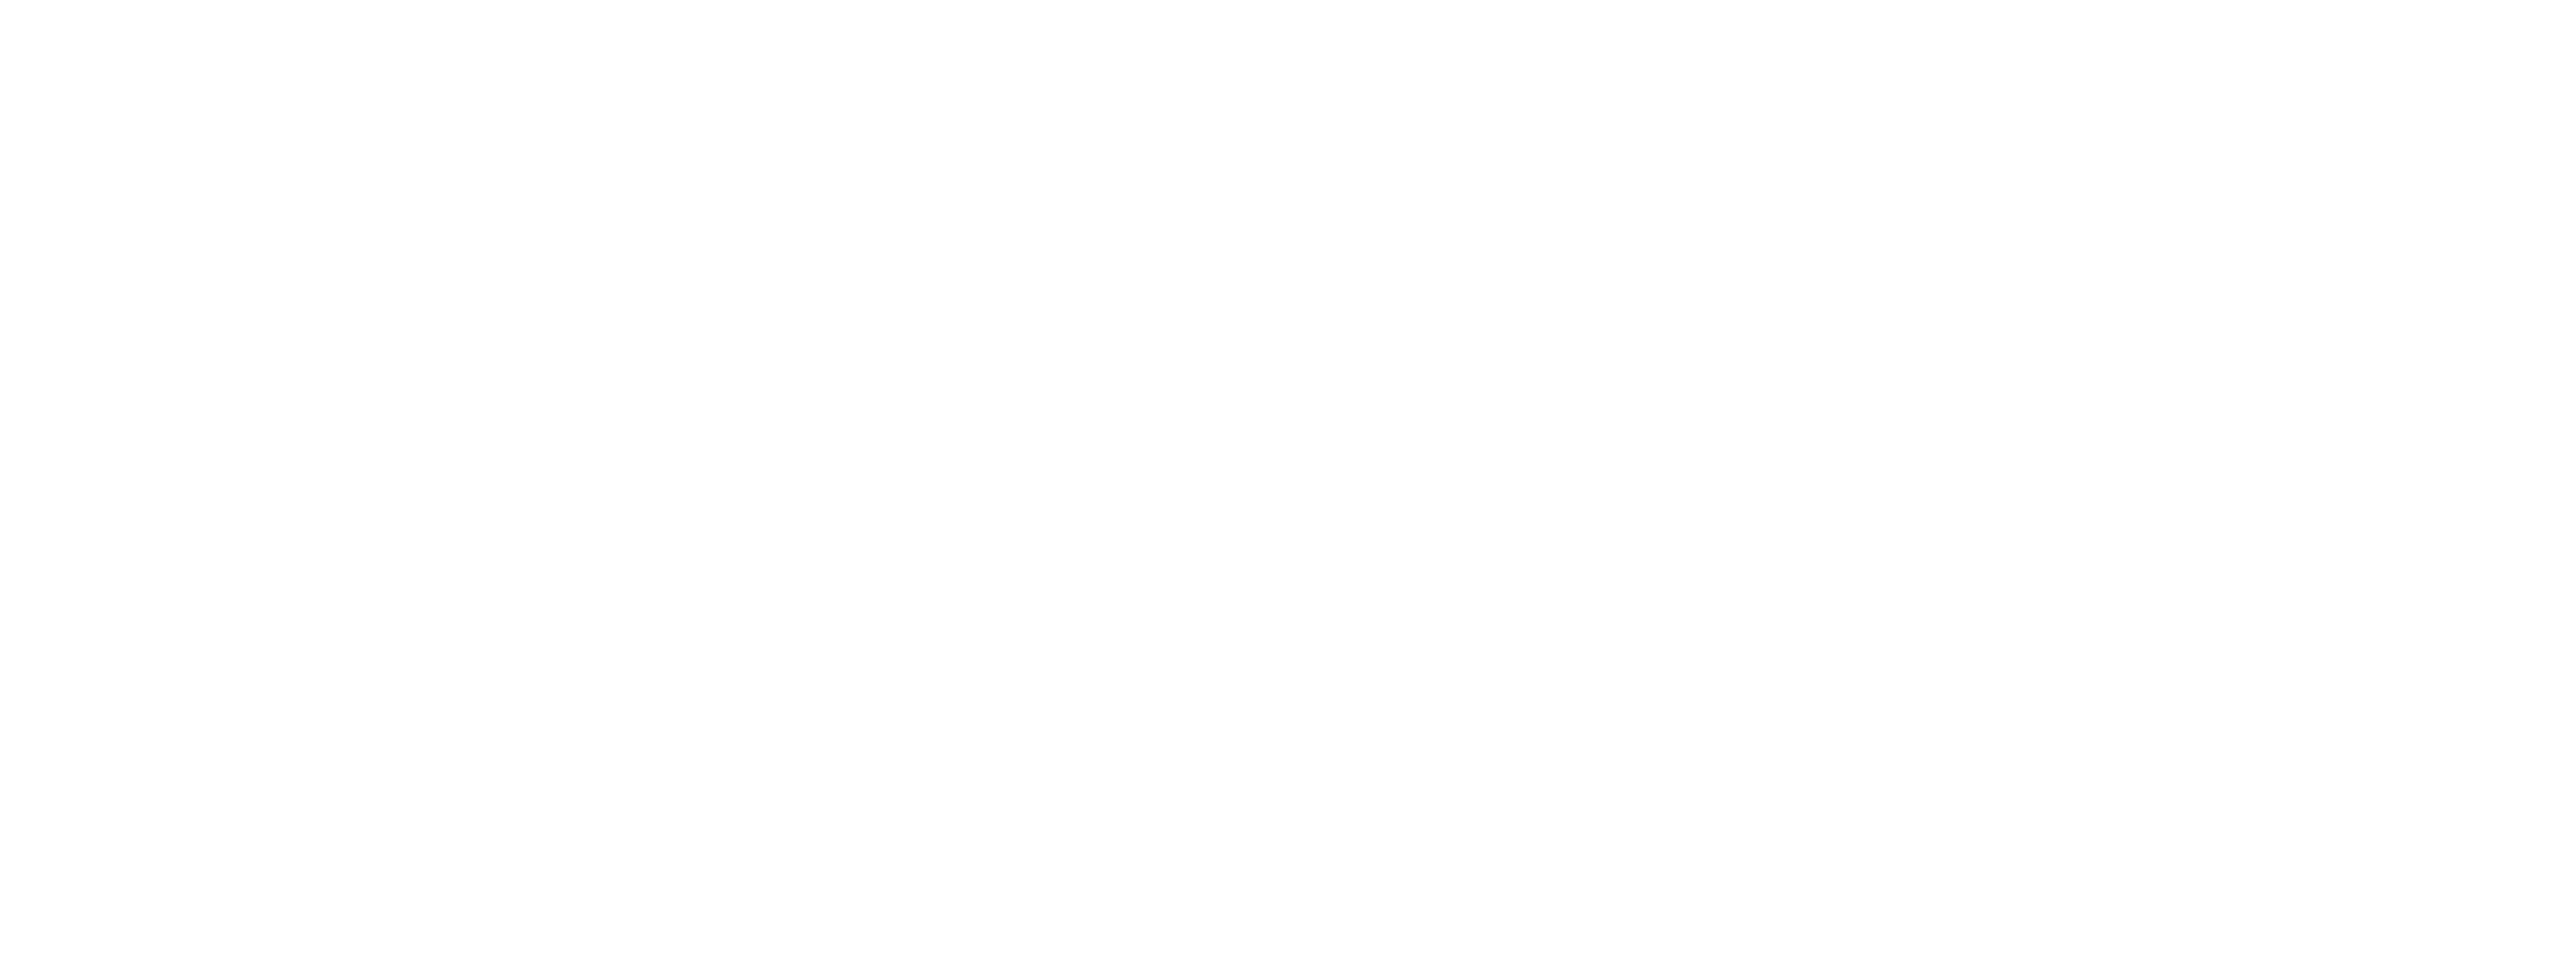 yaseen logo